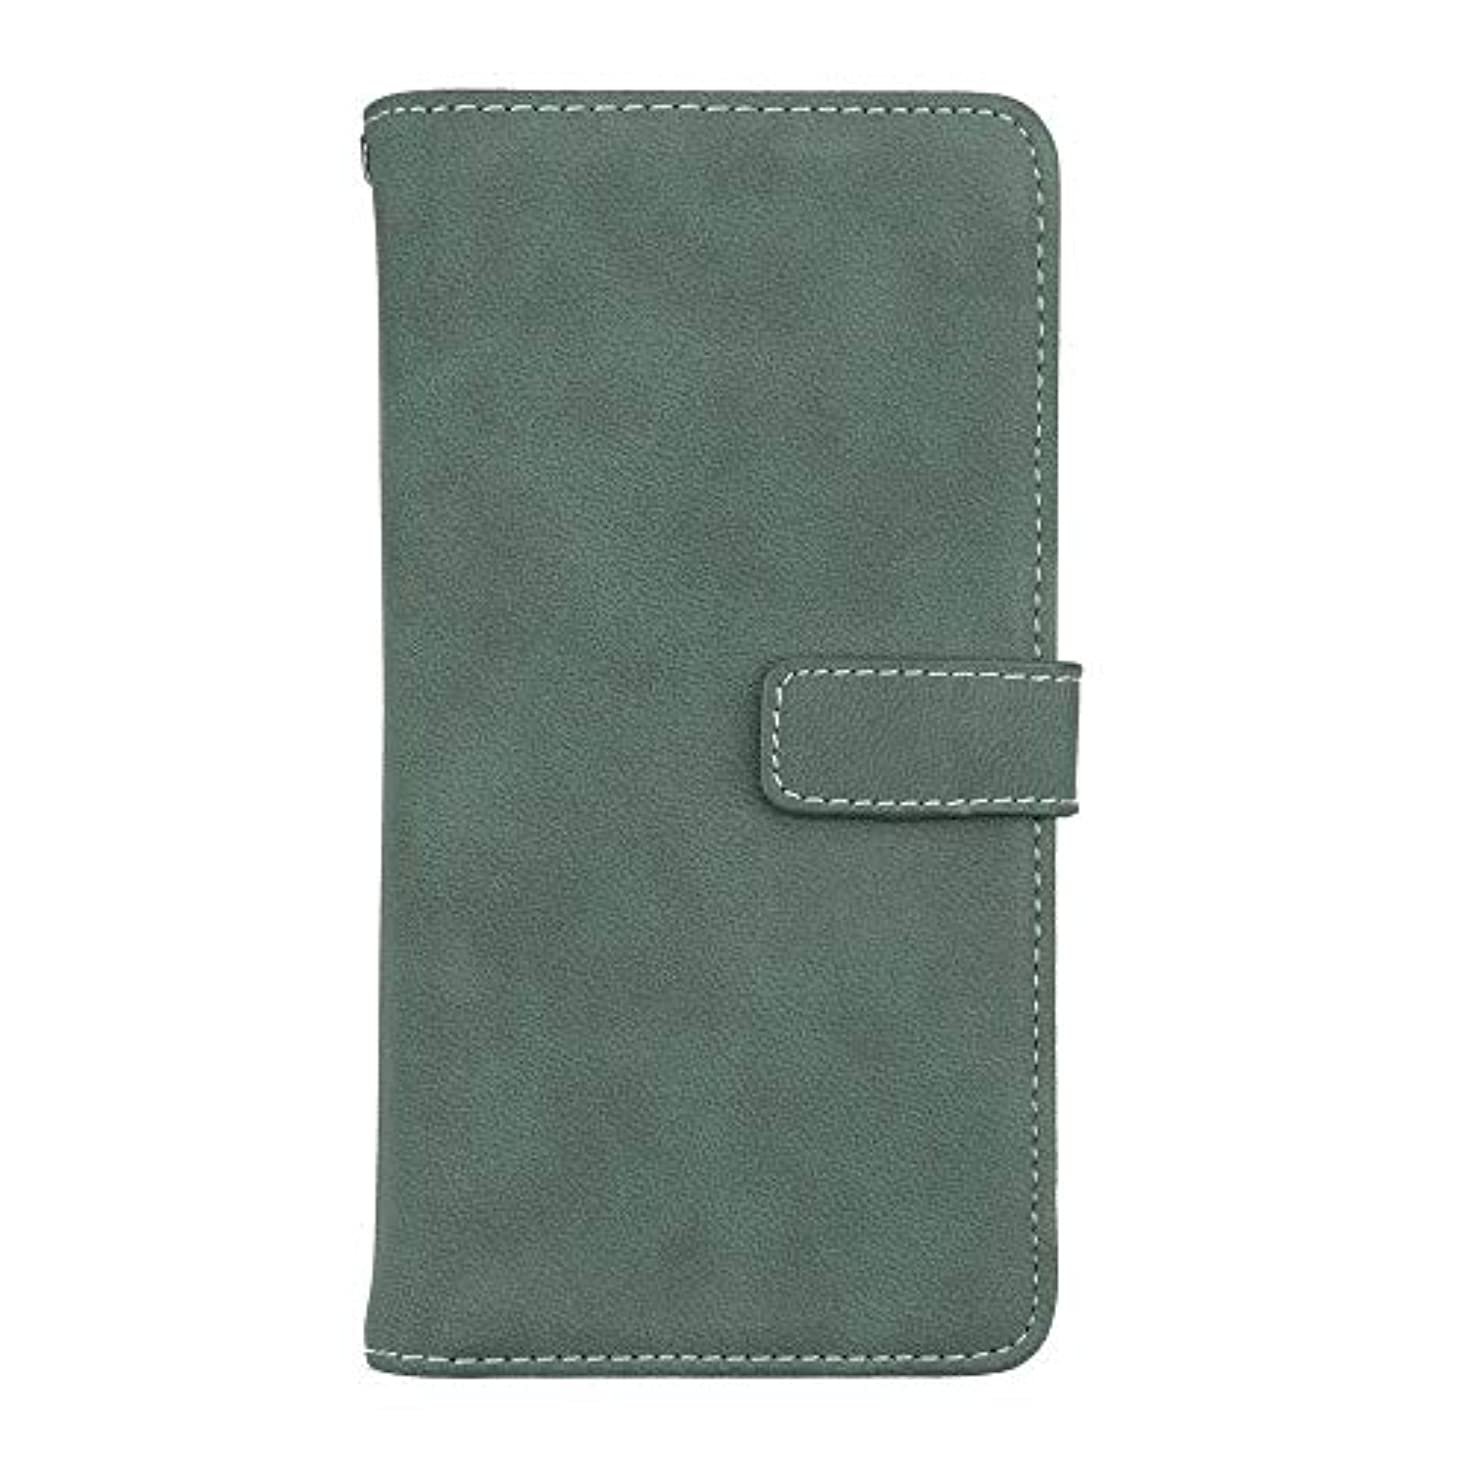 送信するゴム泣いているXiaomi Redmi Note 5 高品質 マグネット ケース, CUNUS 携帯電話 ケース 軽量 柔軟 高品質 耐摩擦 カード収納 カバー Xiaomi Redmi Note 5 用, グリーン